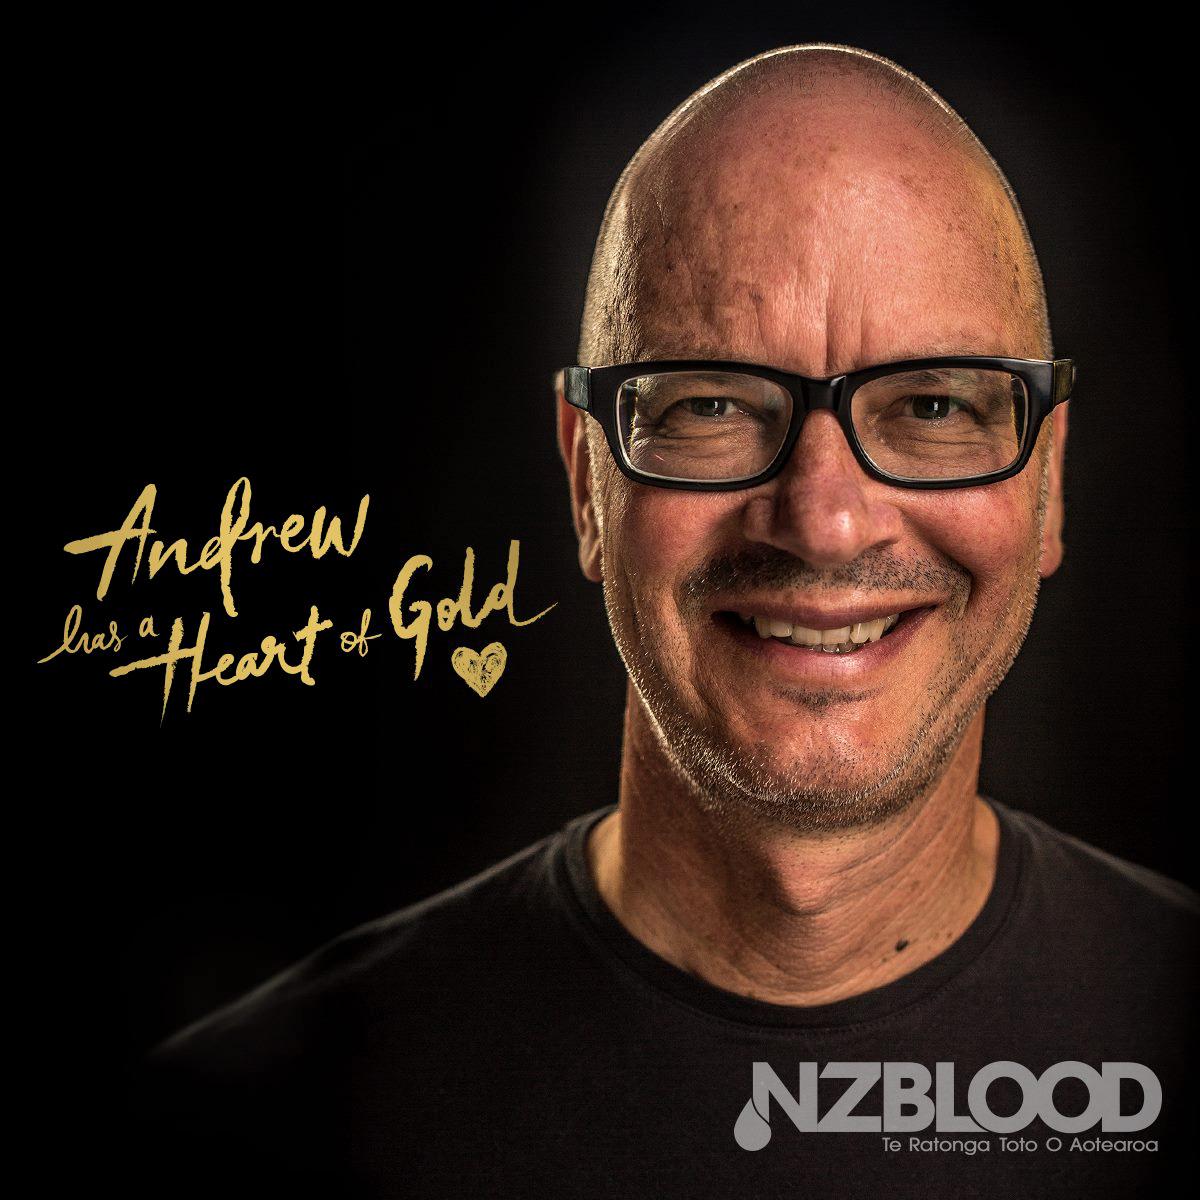 Client: NZ Blood